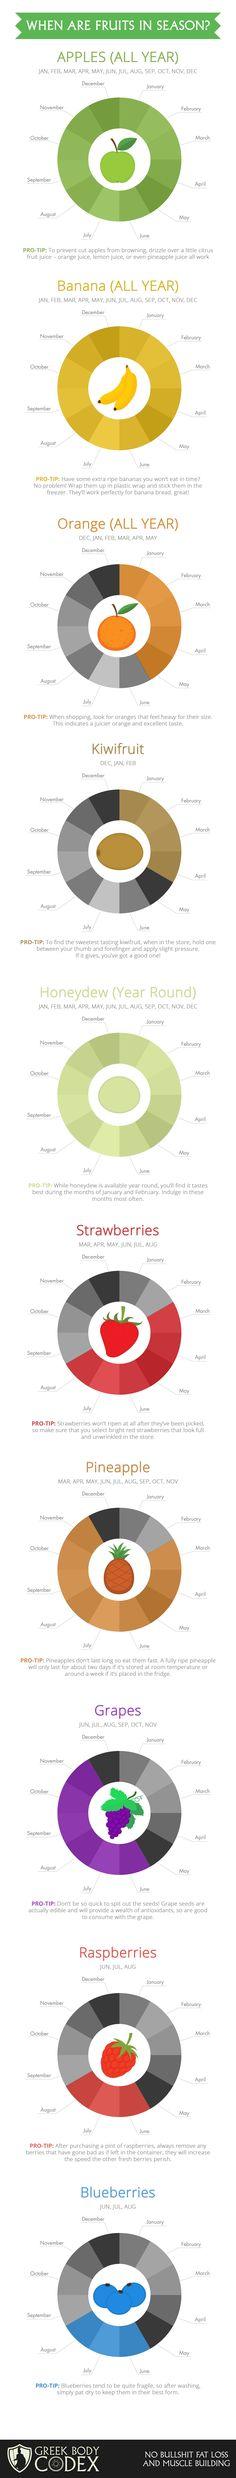 When Are Fruits in Season? #infographic #infografía